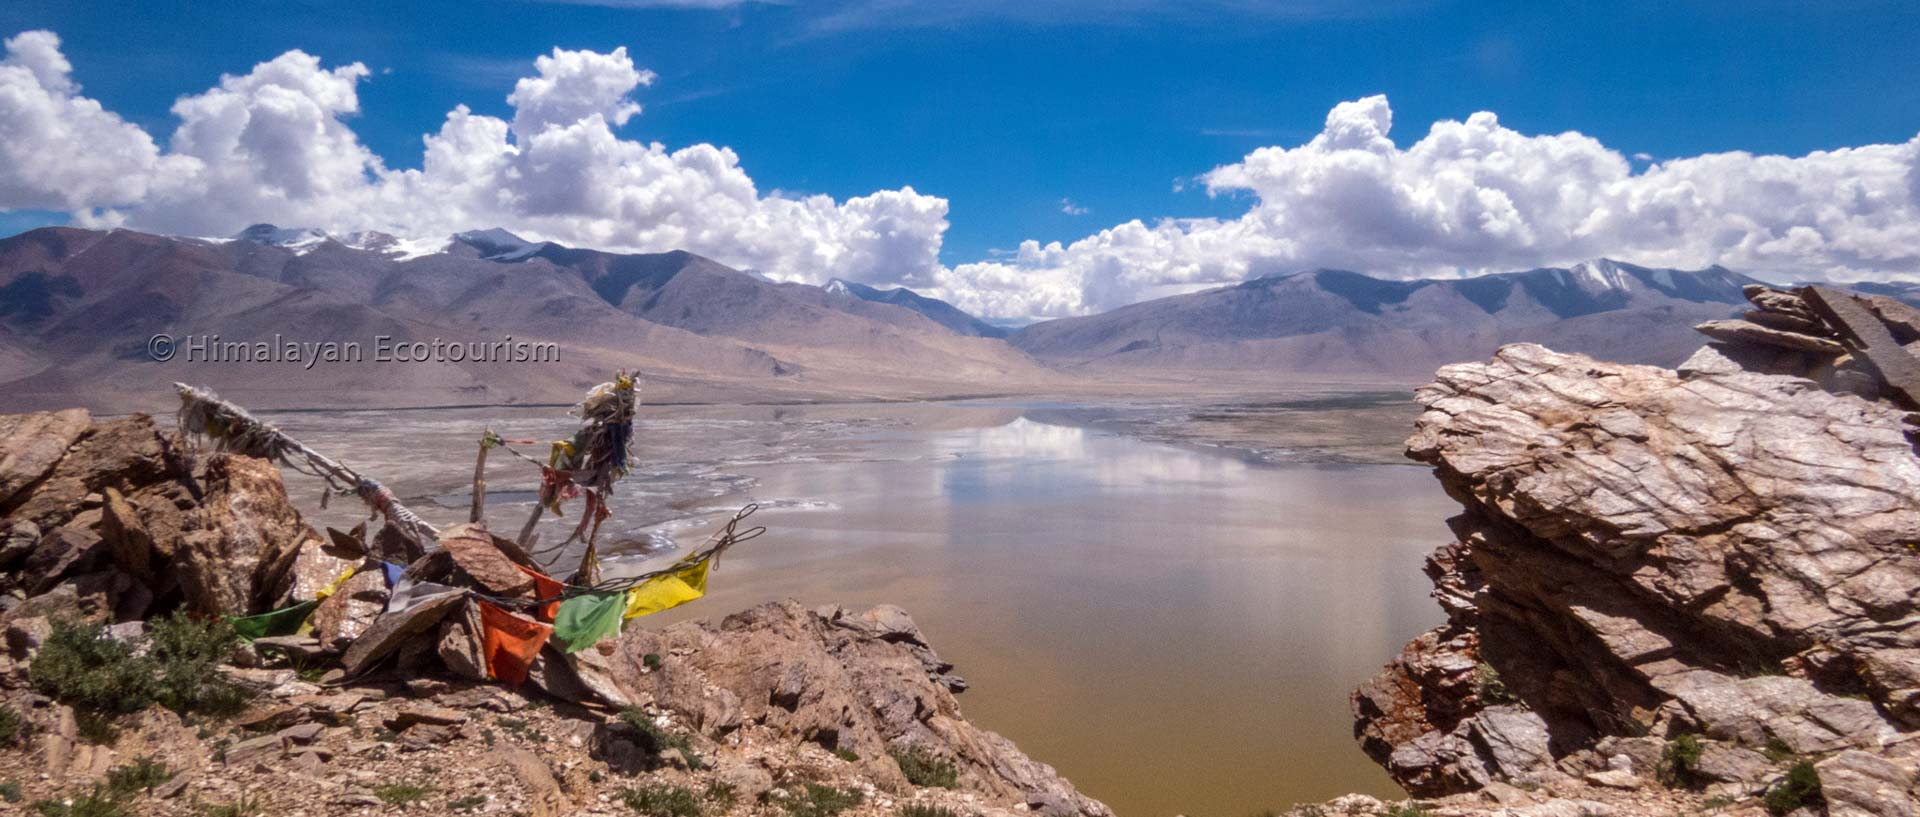 Le lac de Tso Kar